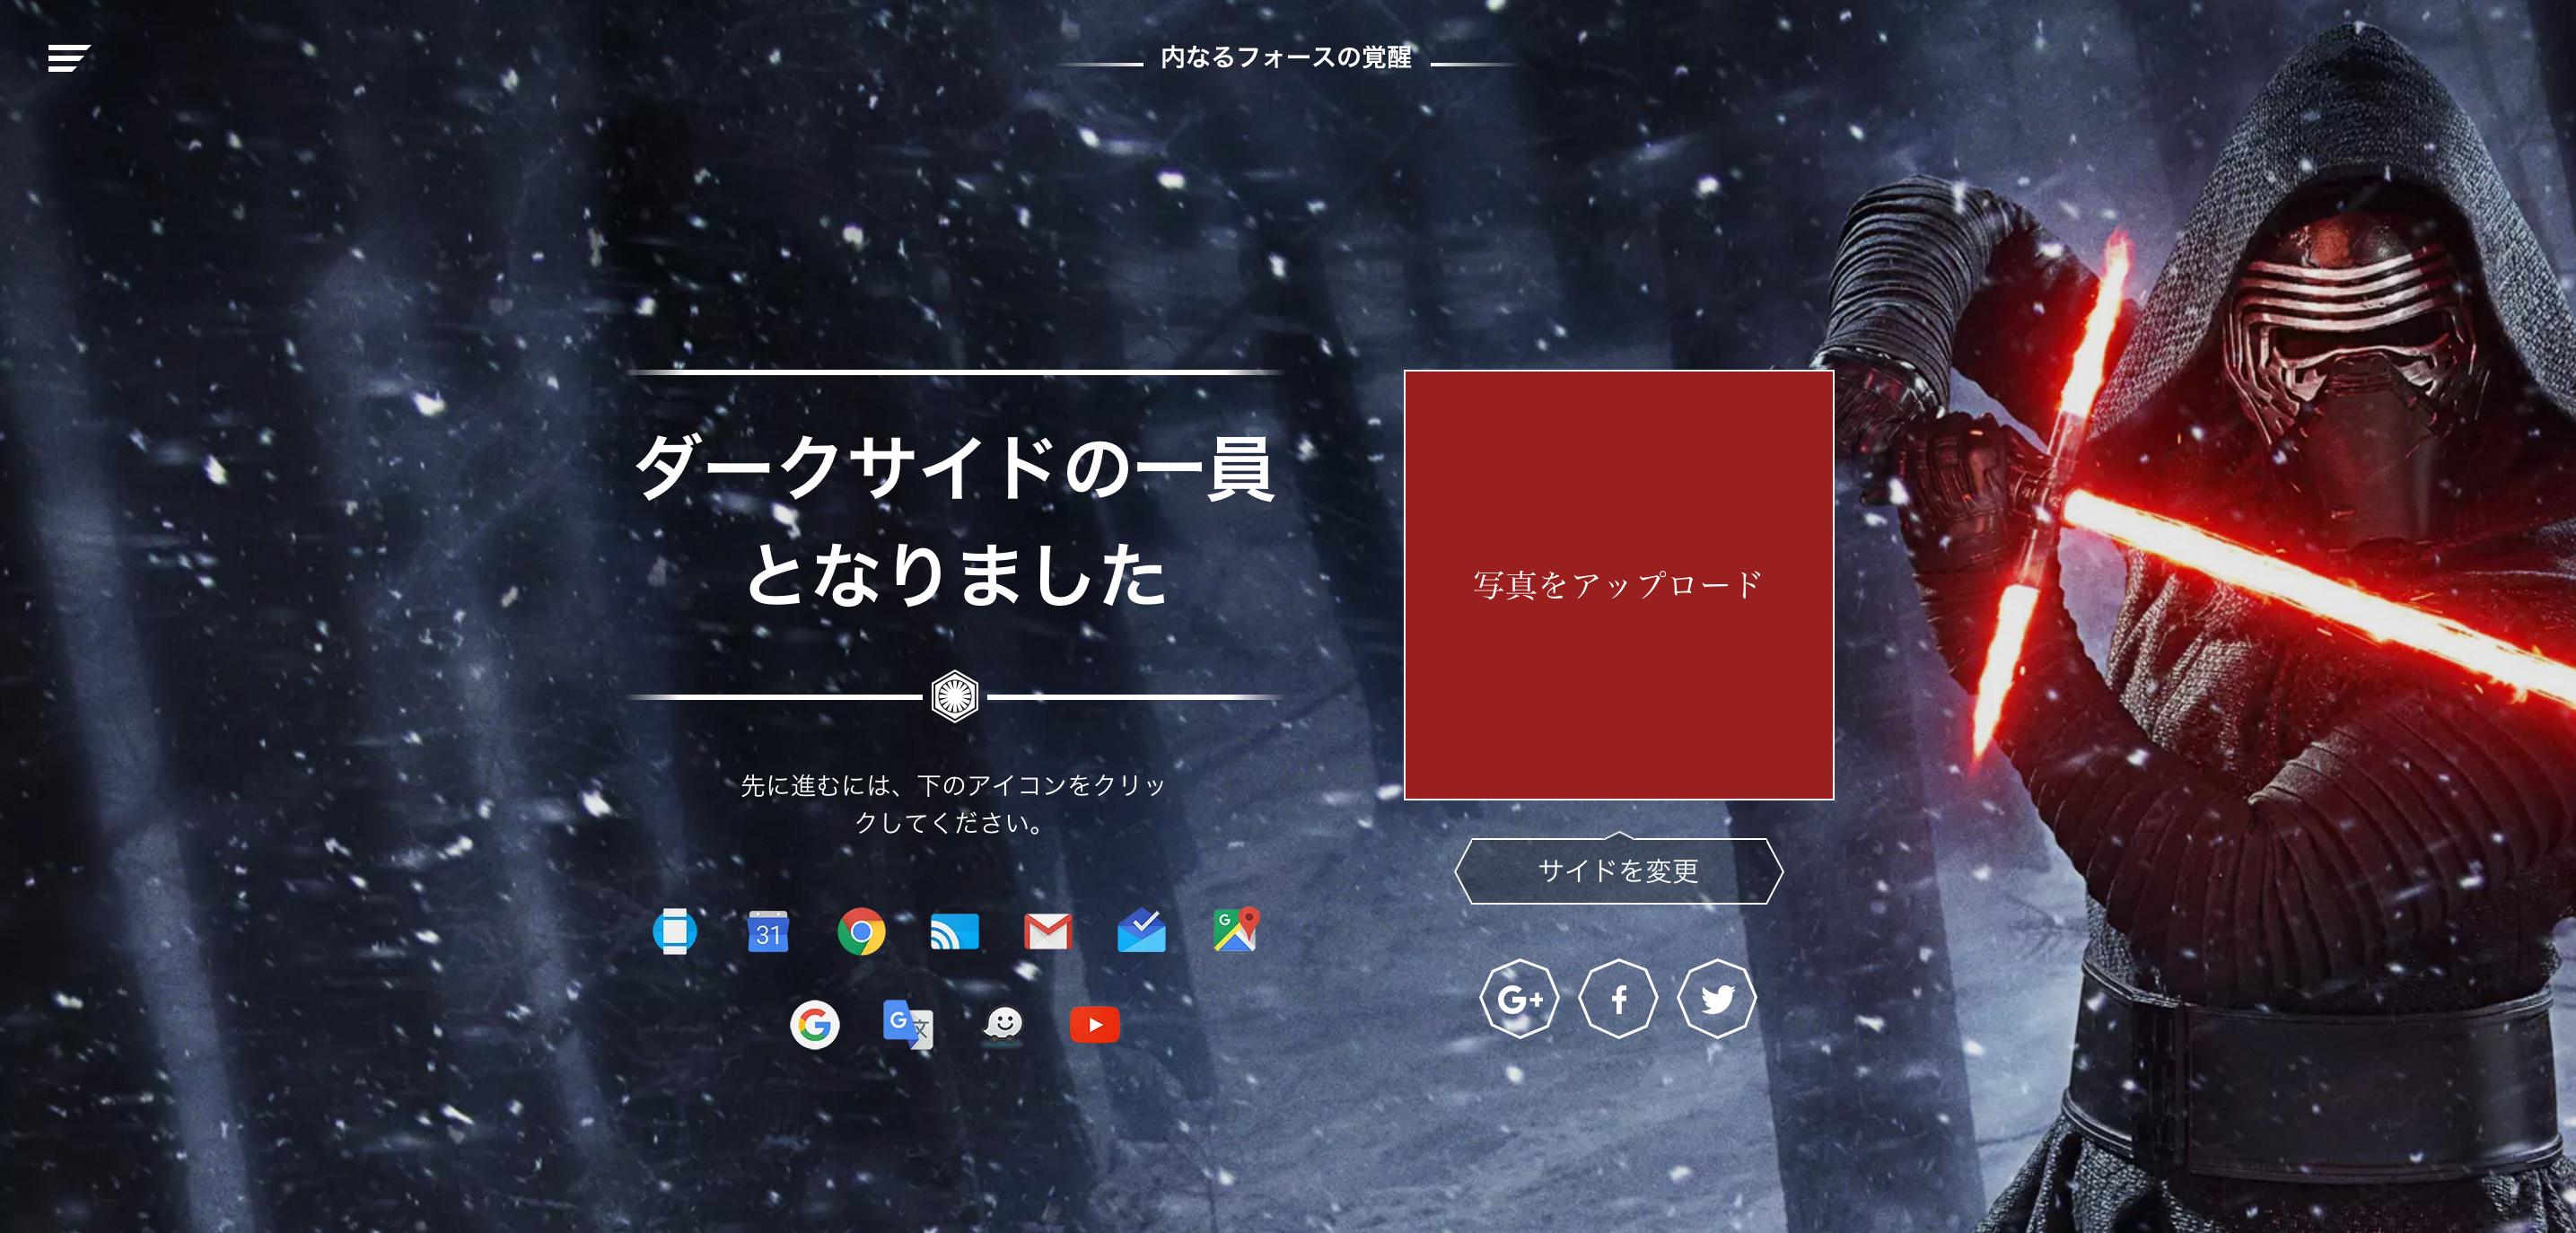 スクリーンショット 2015-12-01 16.20.03